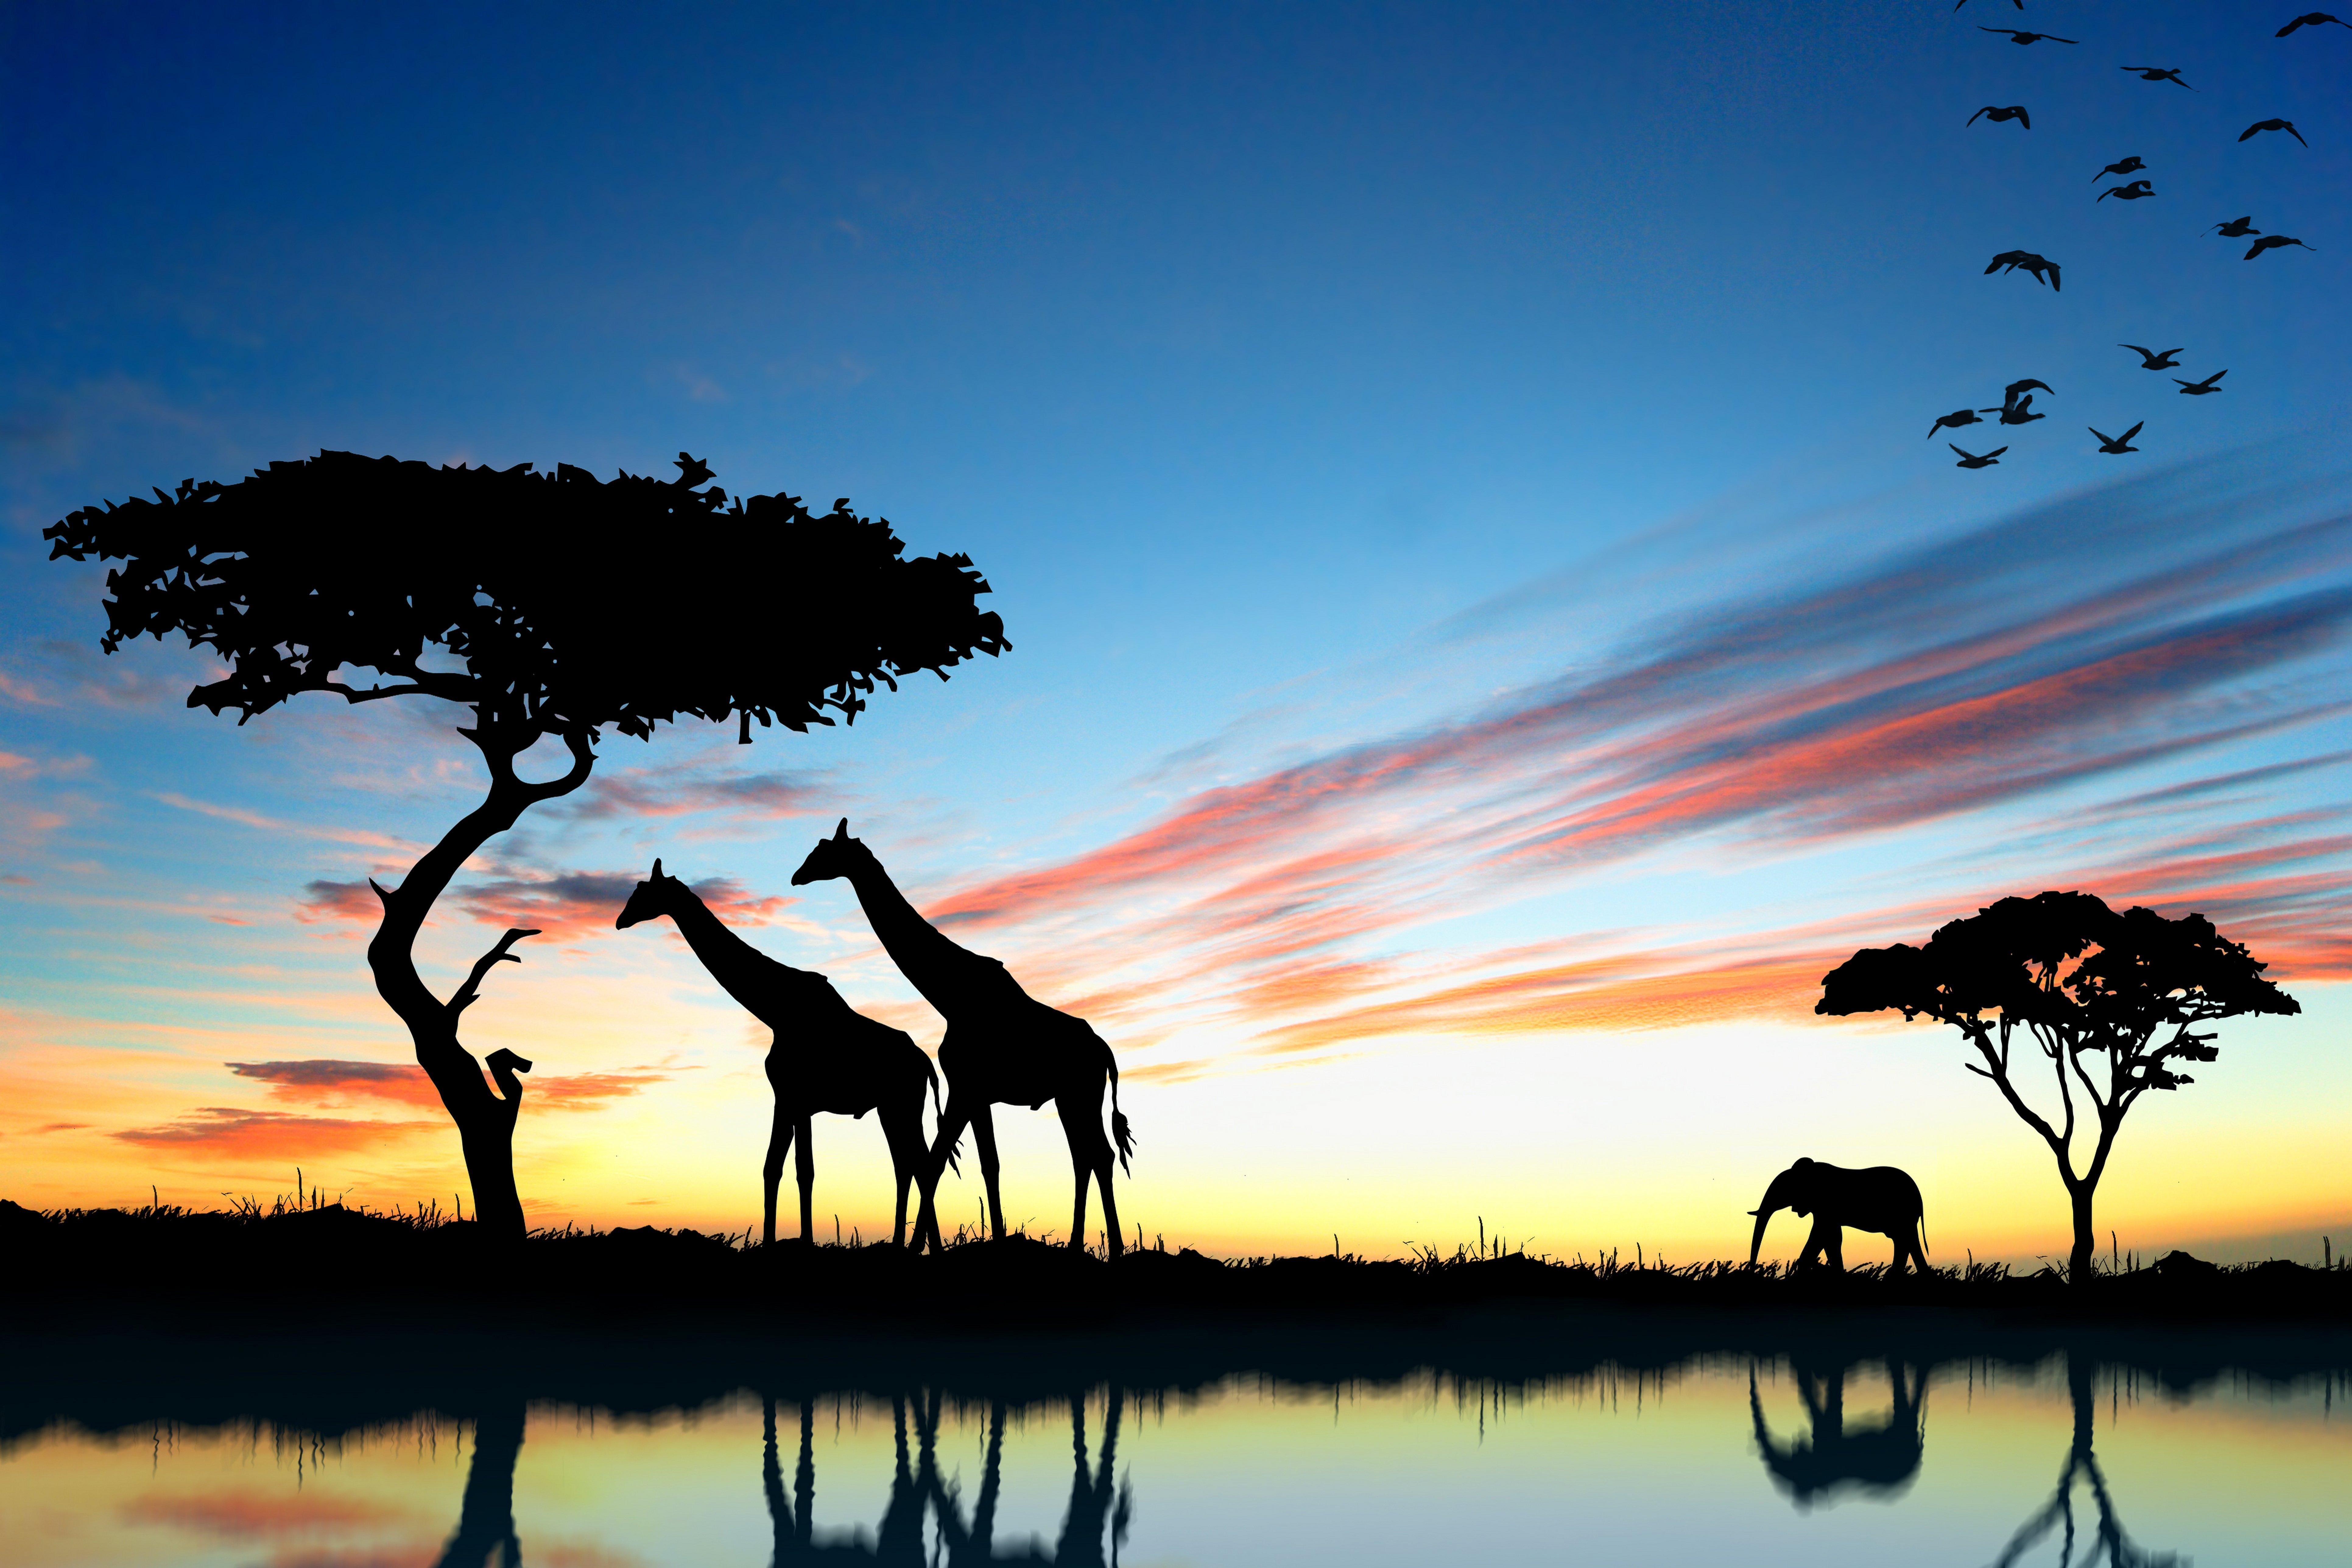 постеры с природой и животными каждого